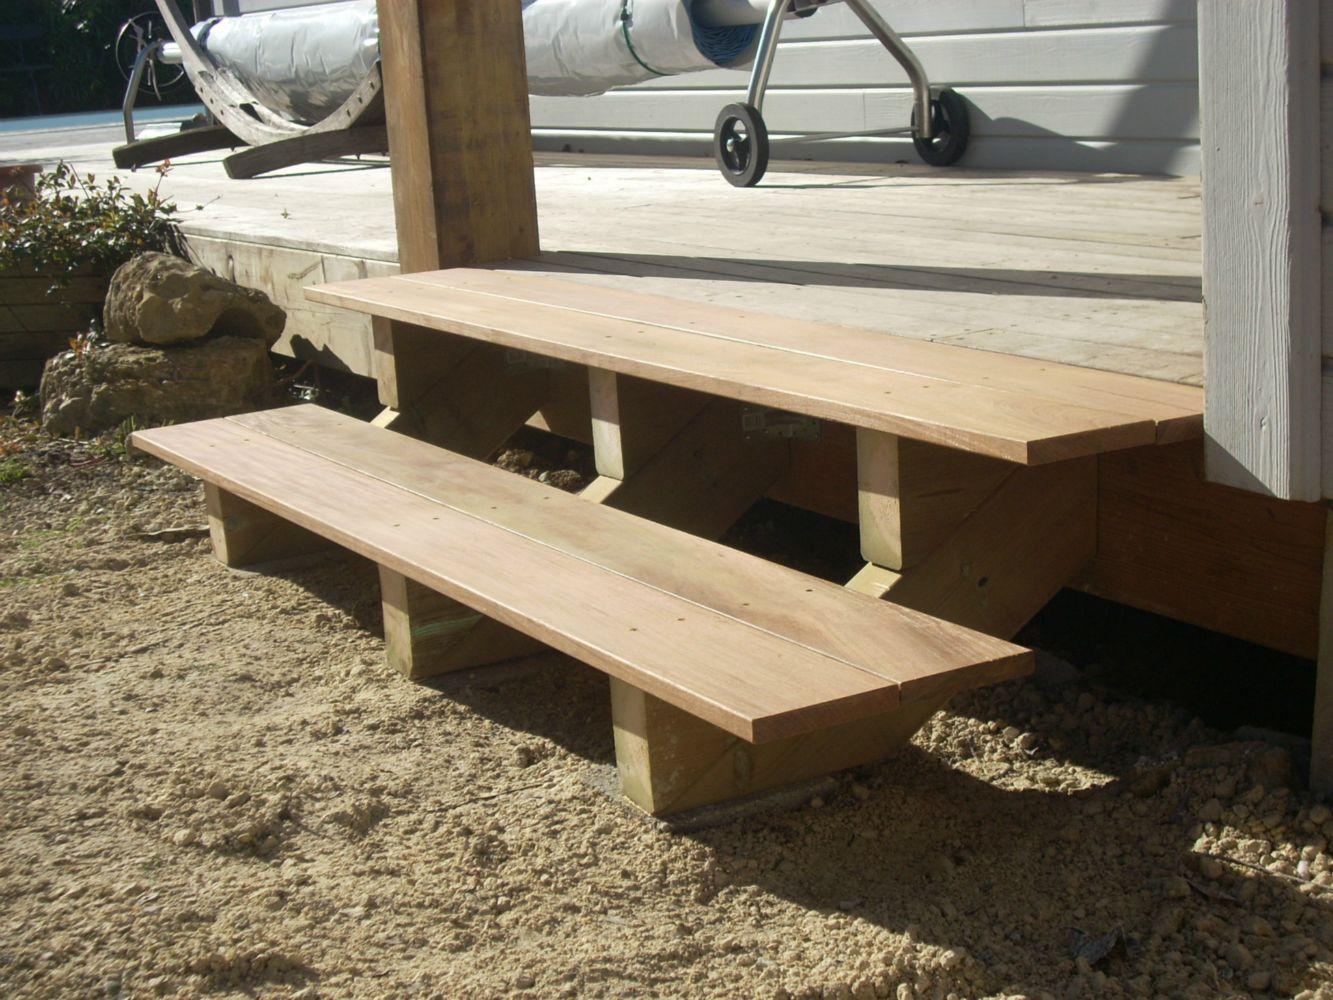 Escalier ext rieur en bois artisan charpente menuiserie - Petit escalier en bois ...